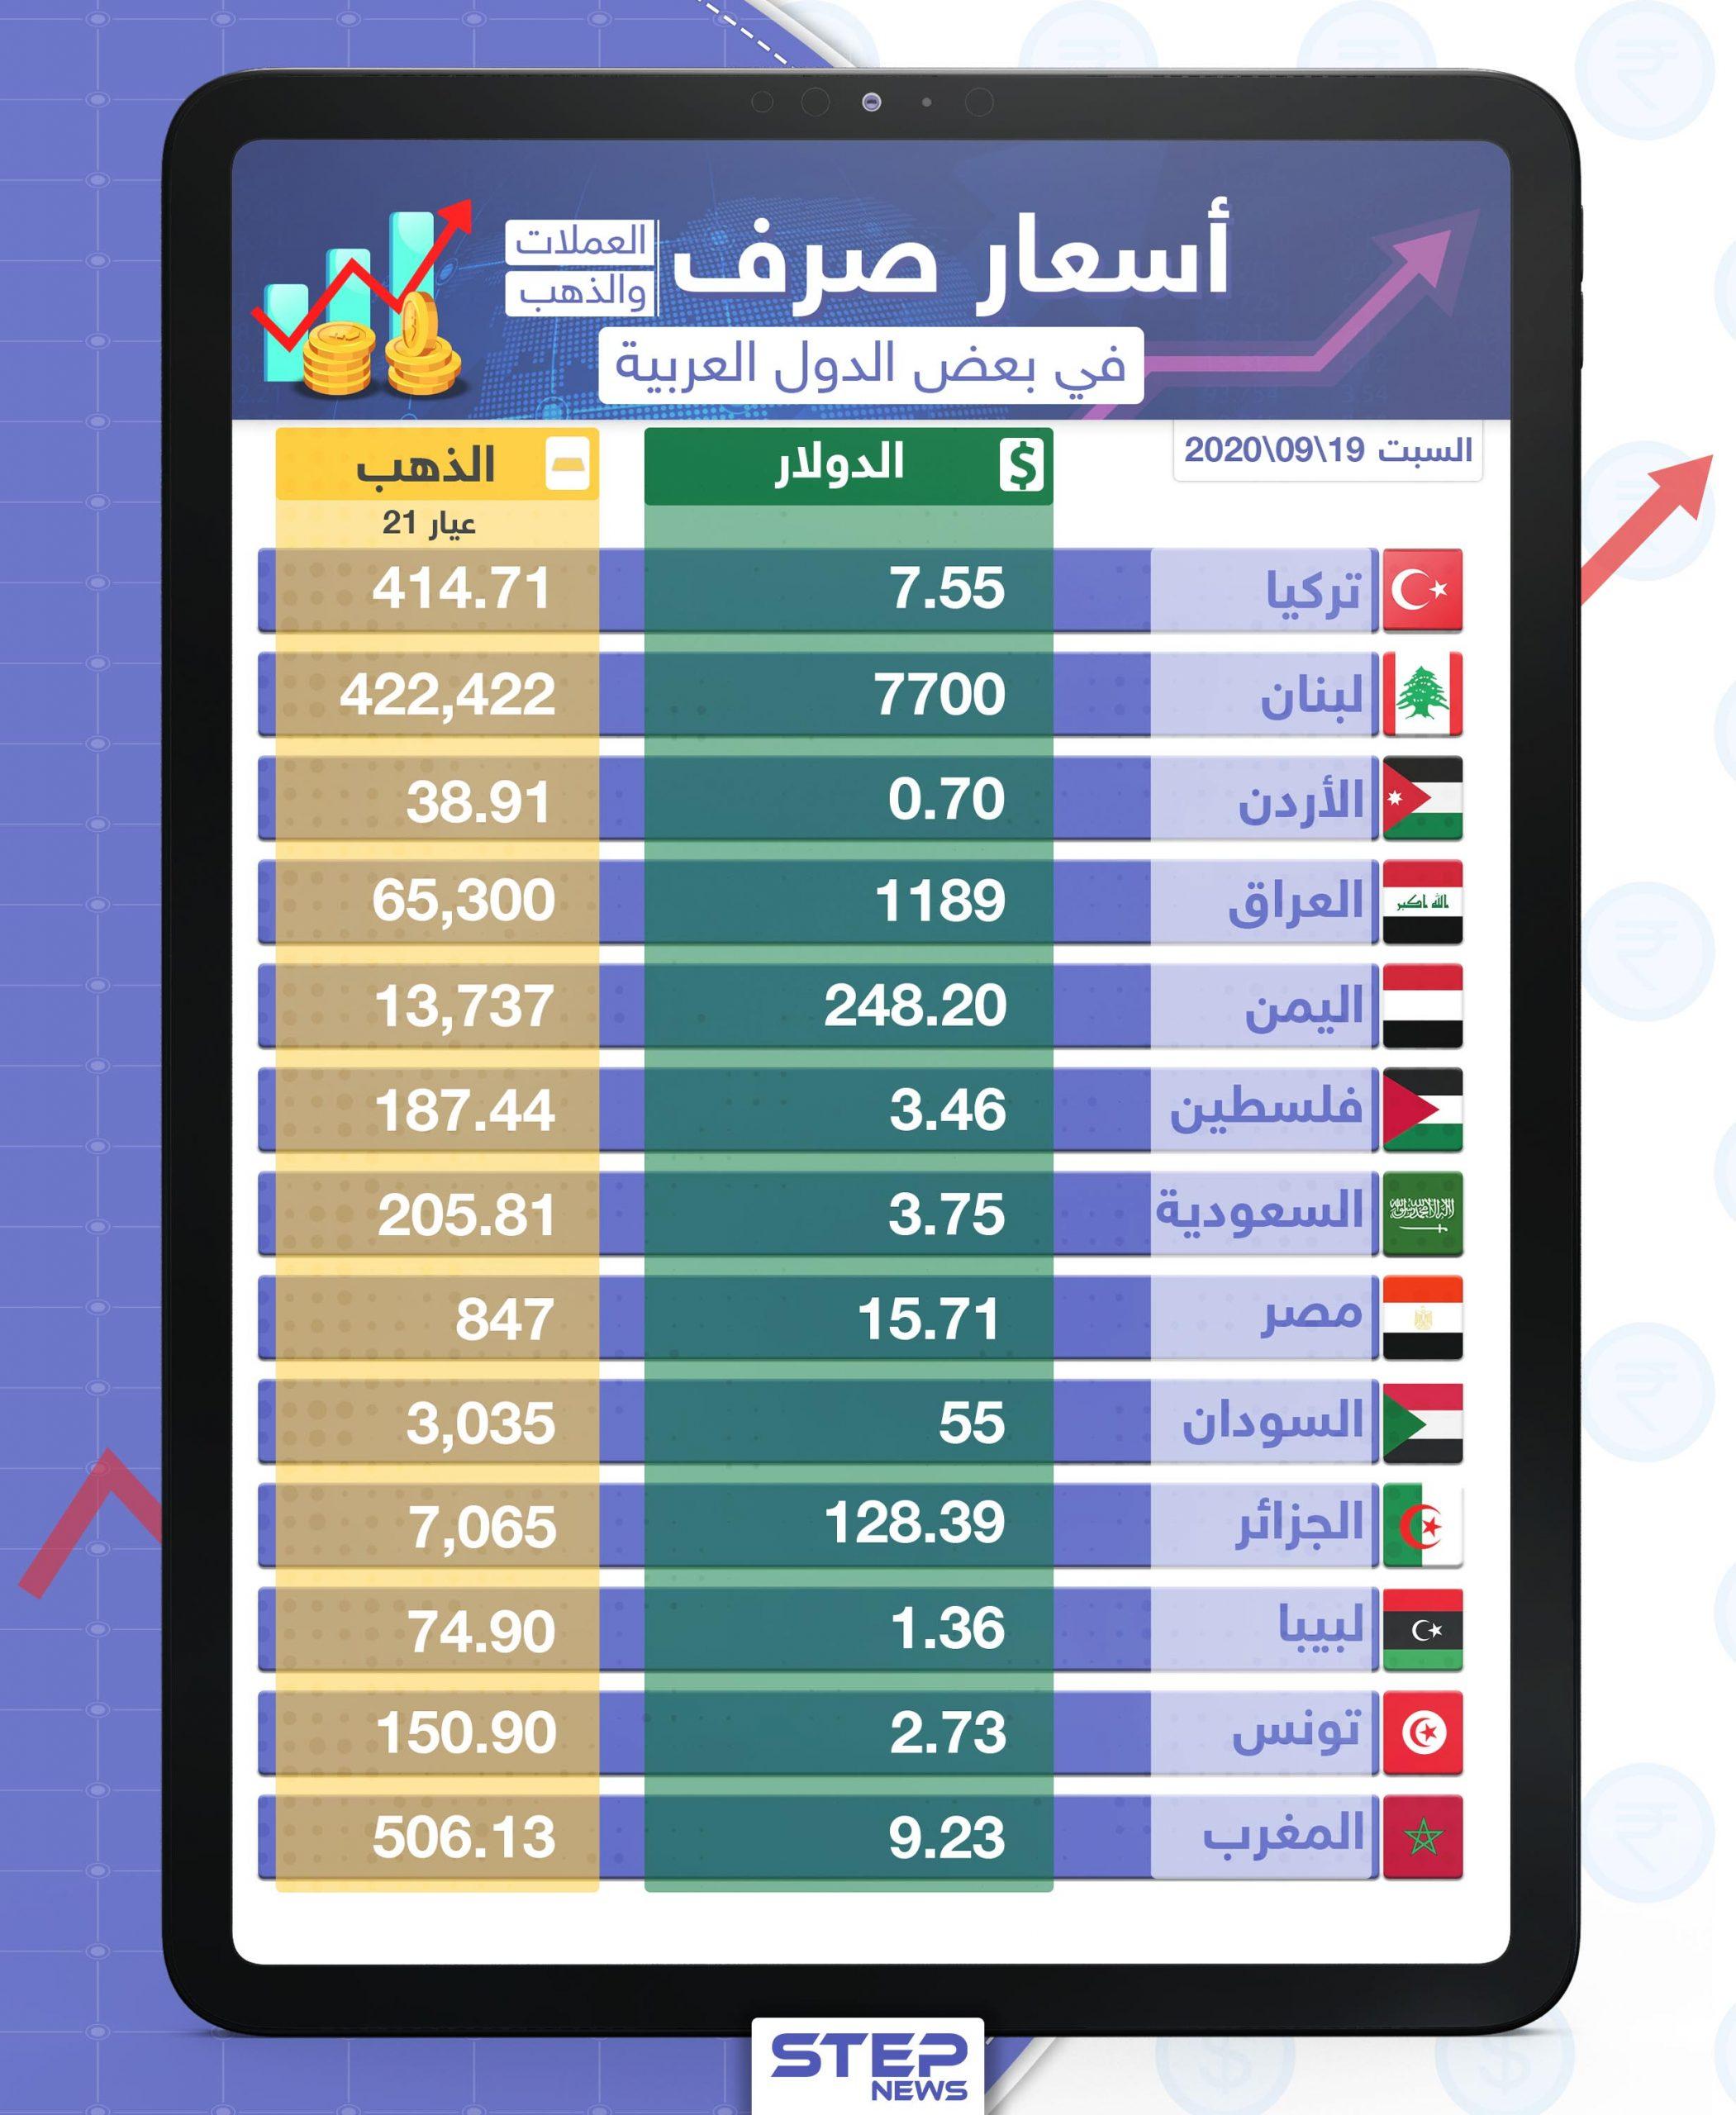 أسعار الذهب والعملات للدول العربية وتركيا اليوم السبت الموافق 19 أيلول 2020